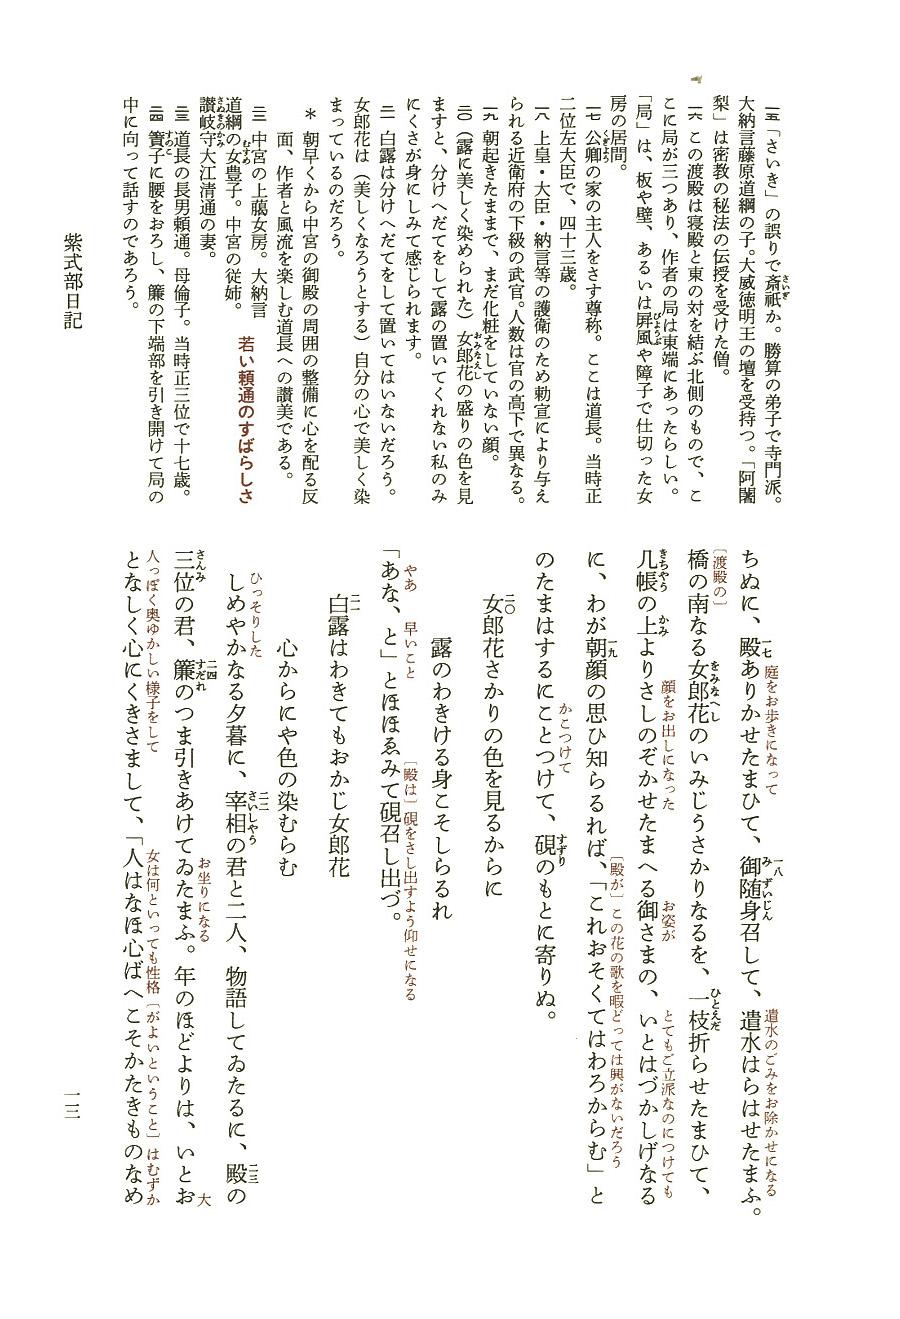 現代 語 訳 女郎花 古文の、「口語訳」と「現代語訳」はどう違うのですか? 国語のテスト(